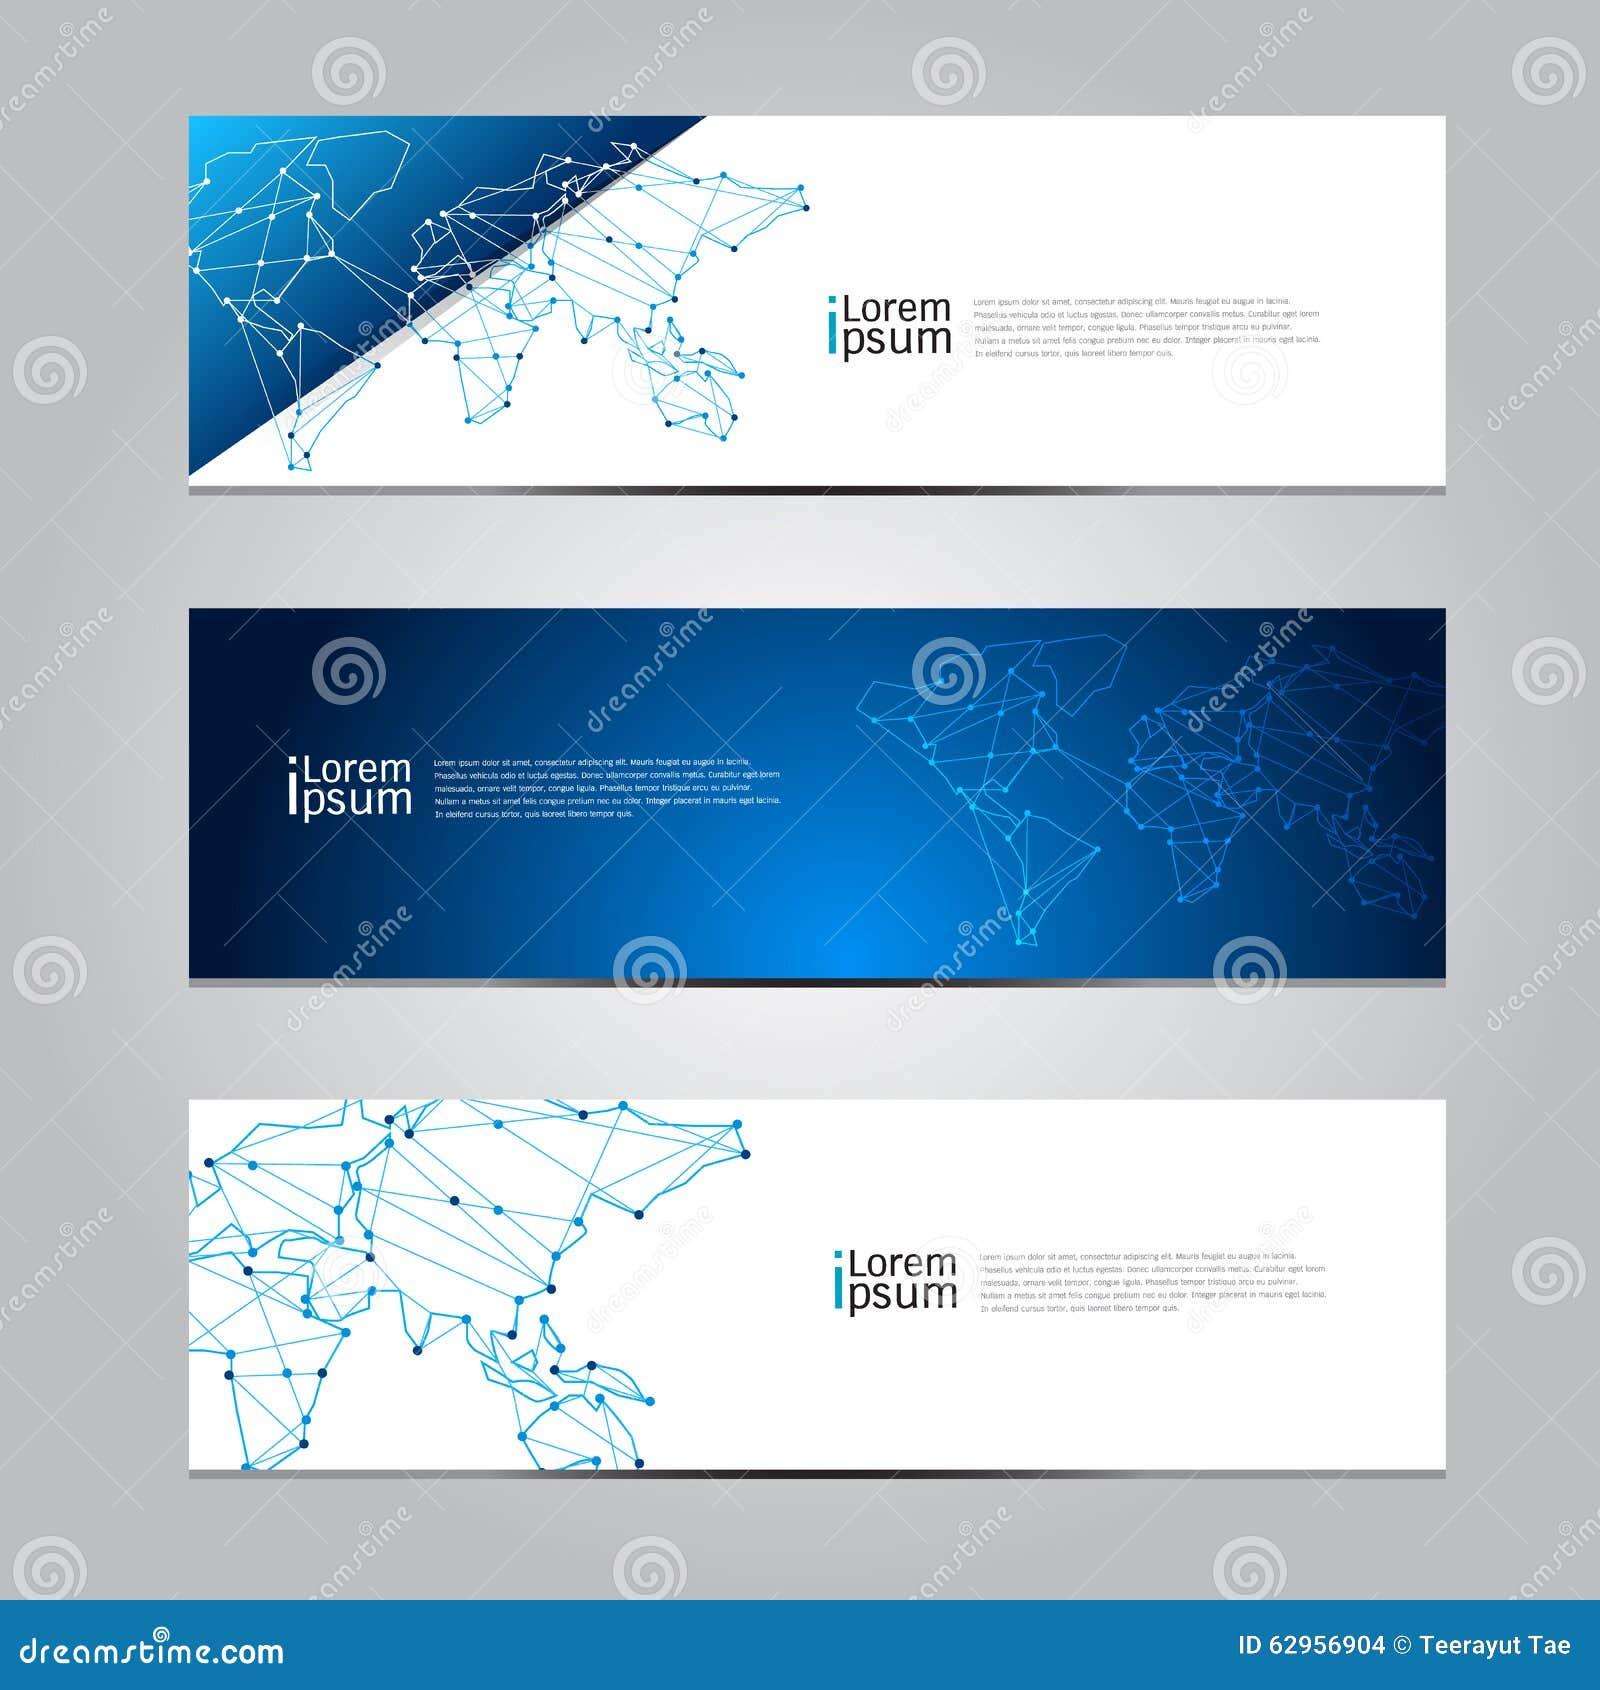 Design vector banner - Background Banner Design Illustration